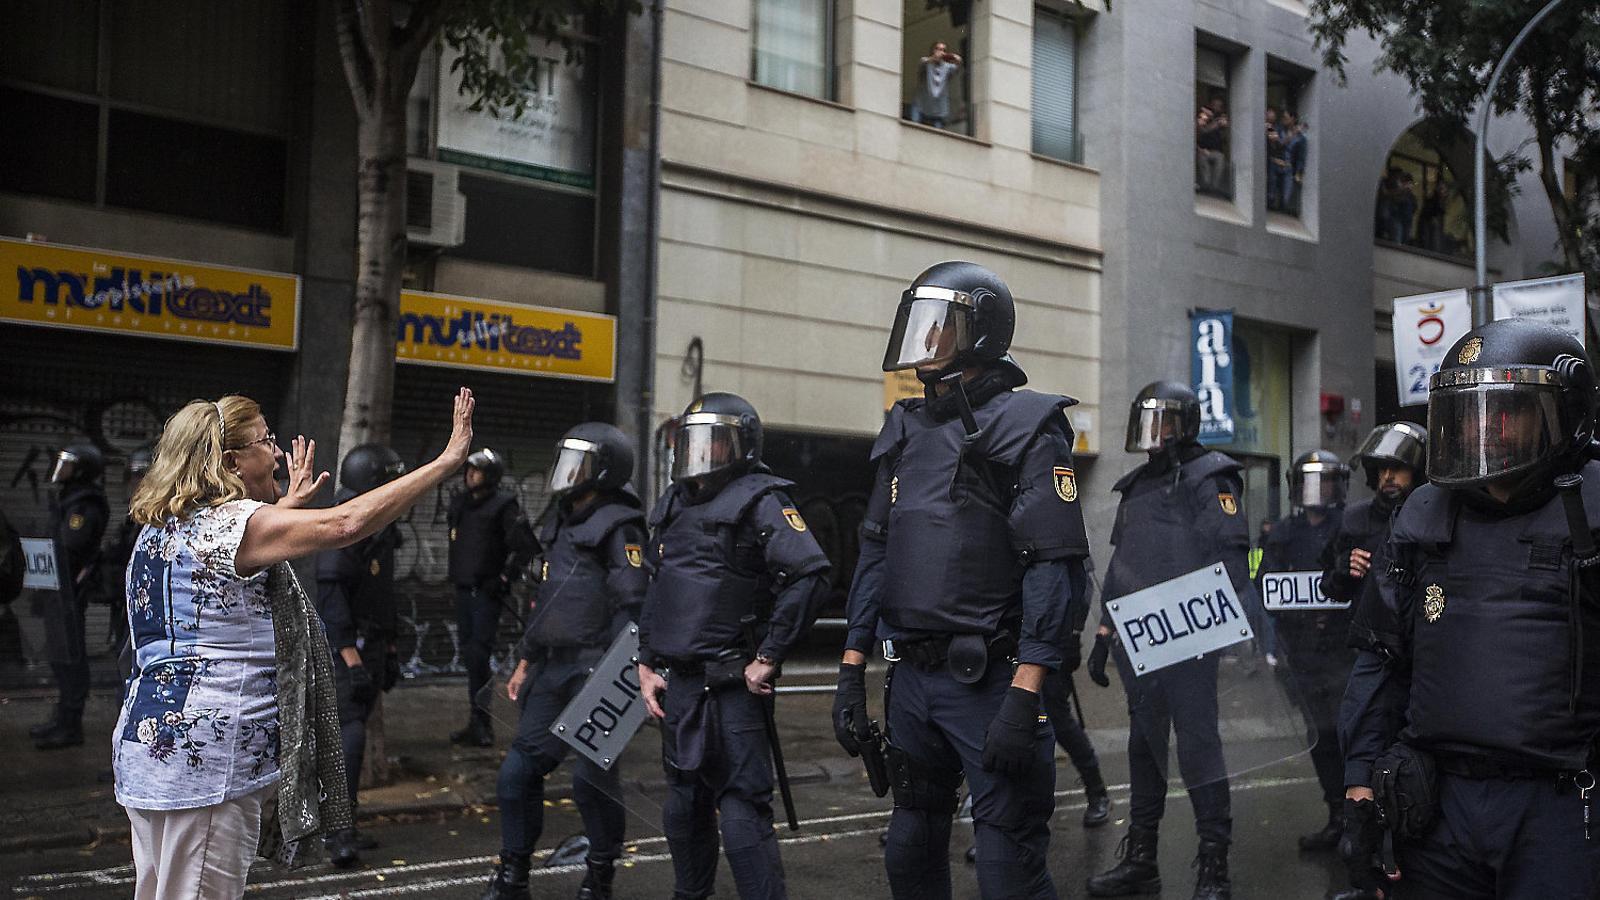 La Policia Nacional va acostar-se a l'Escola Diputació de Barcelona, però no va actuar.